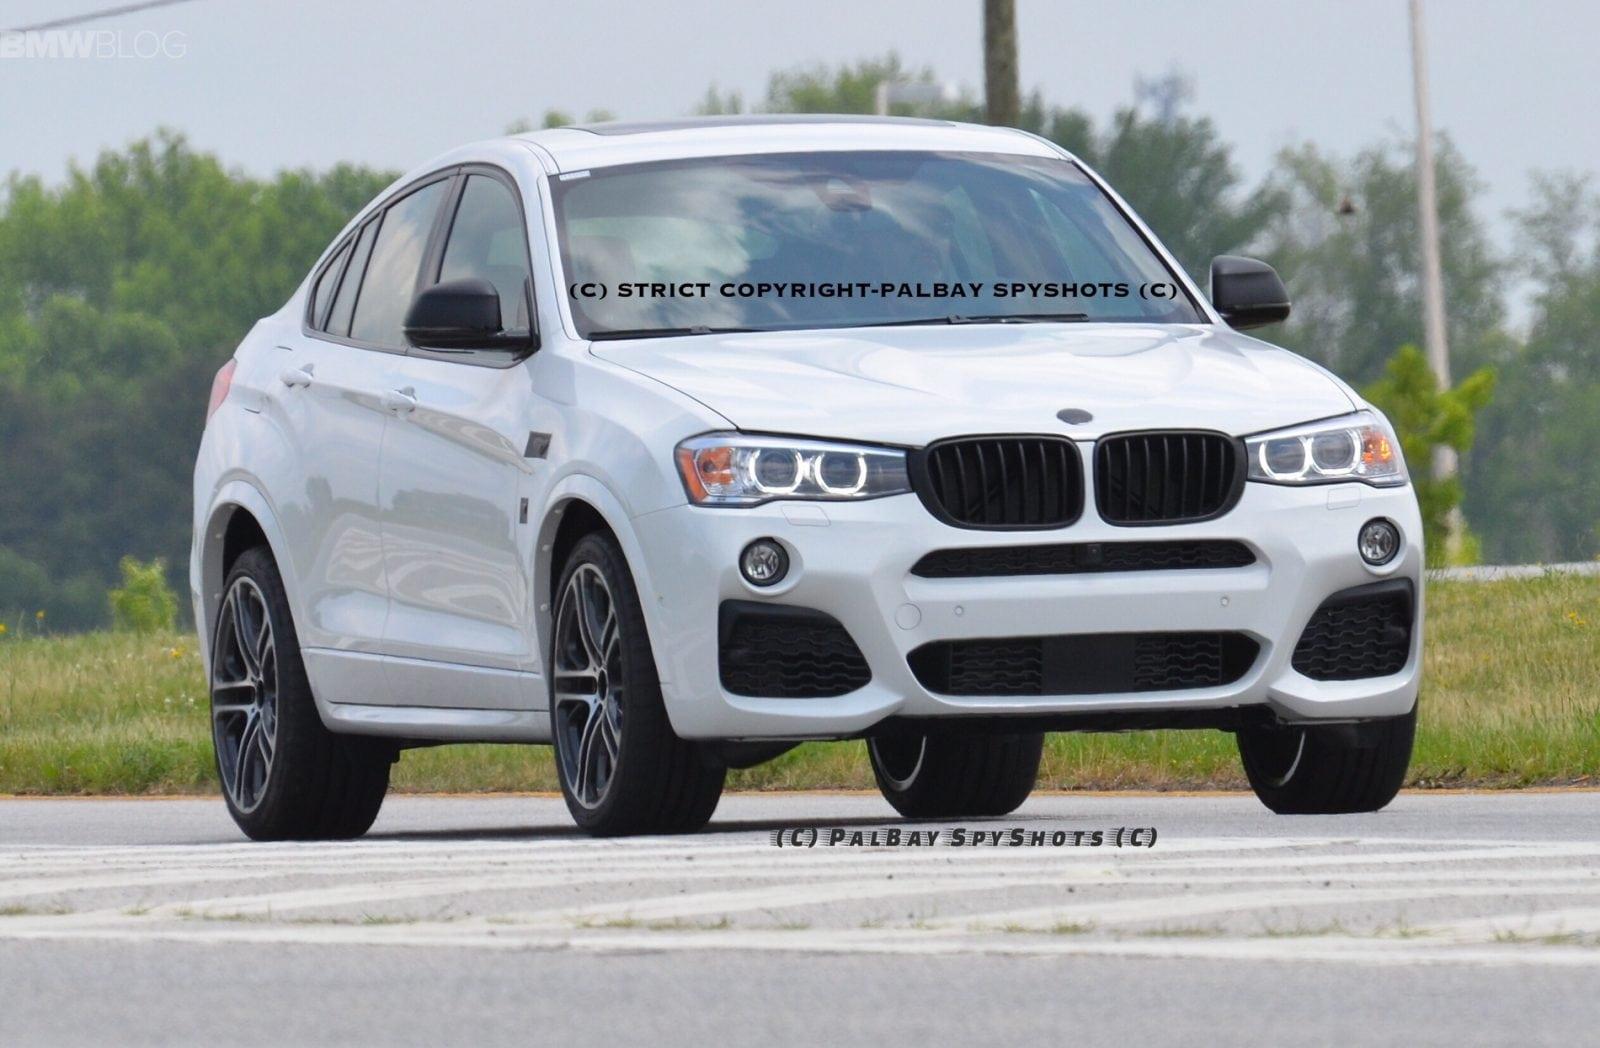 BMW X4 M40i 2015 Real Life Photos